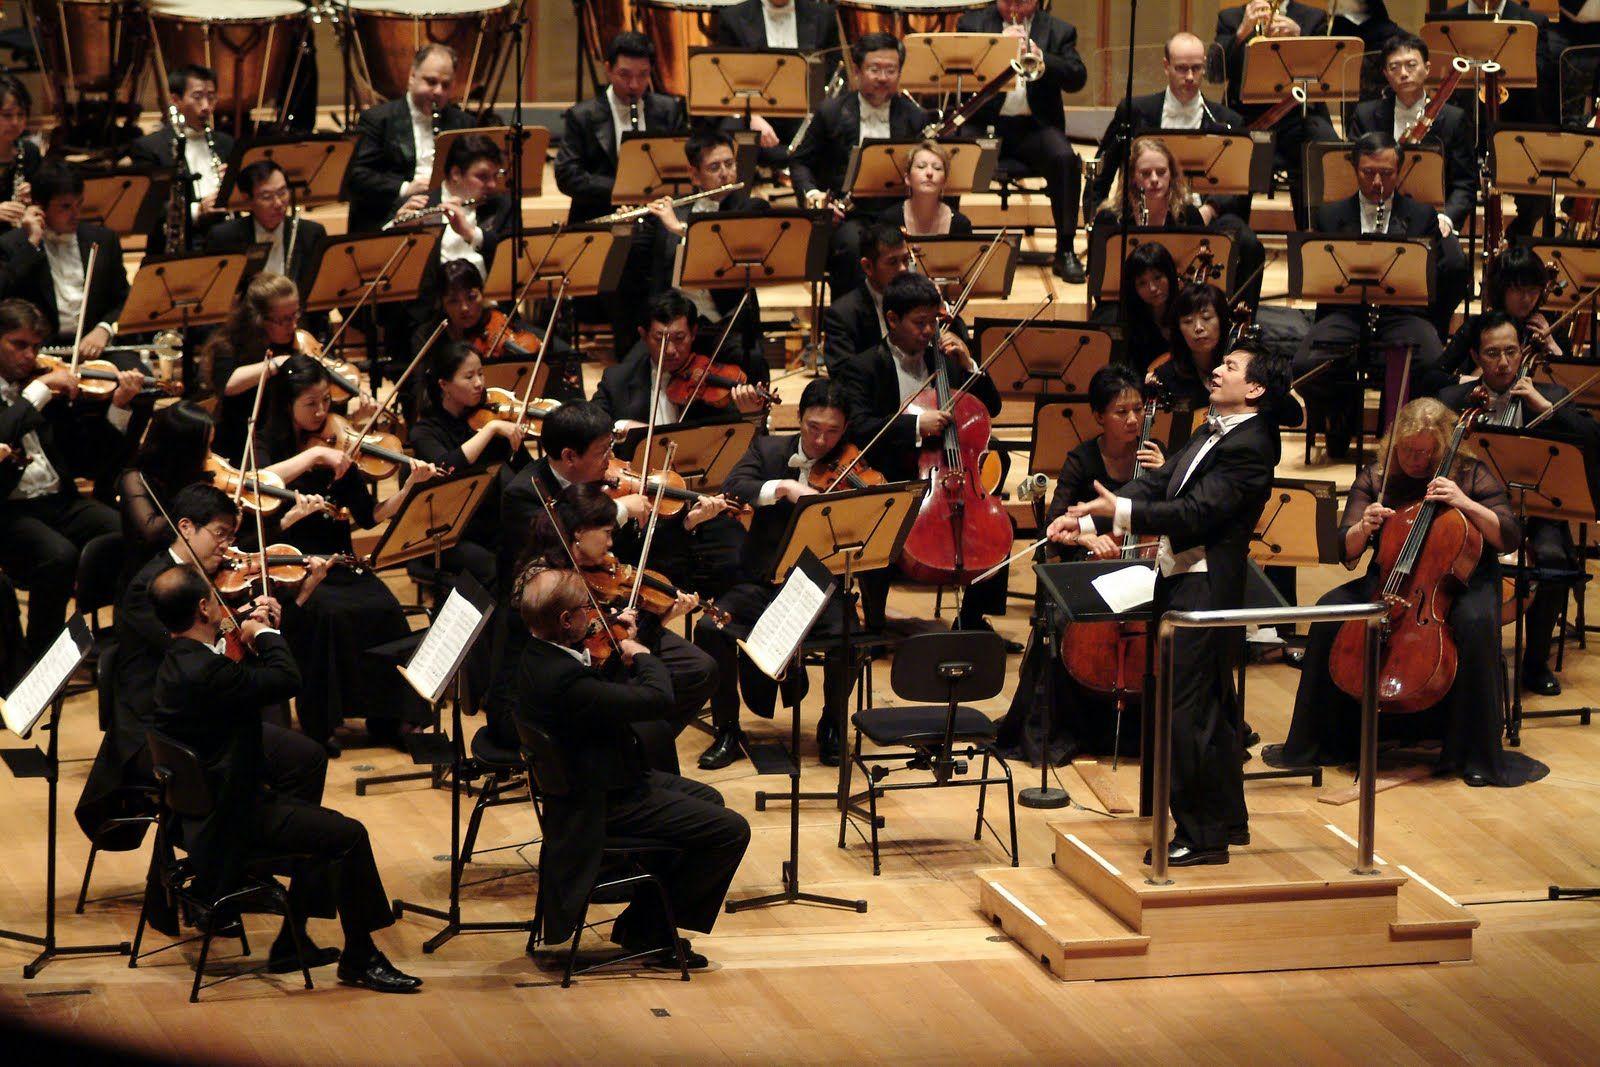 Symphony - youtube.com